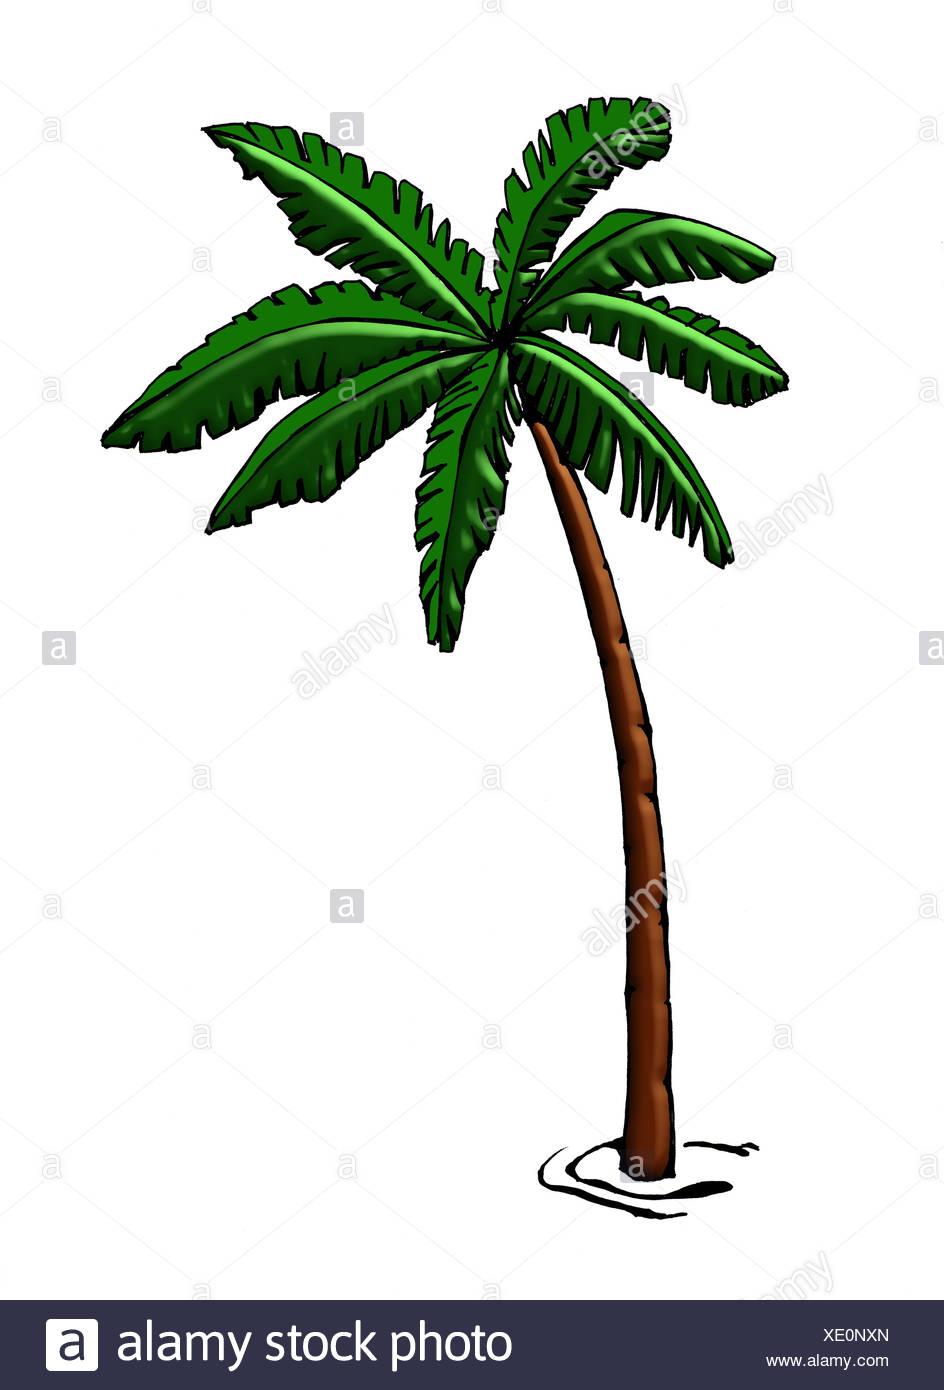 Ilustración Gráfica De Palm Dibujo Acuarela árbol Tropical De